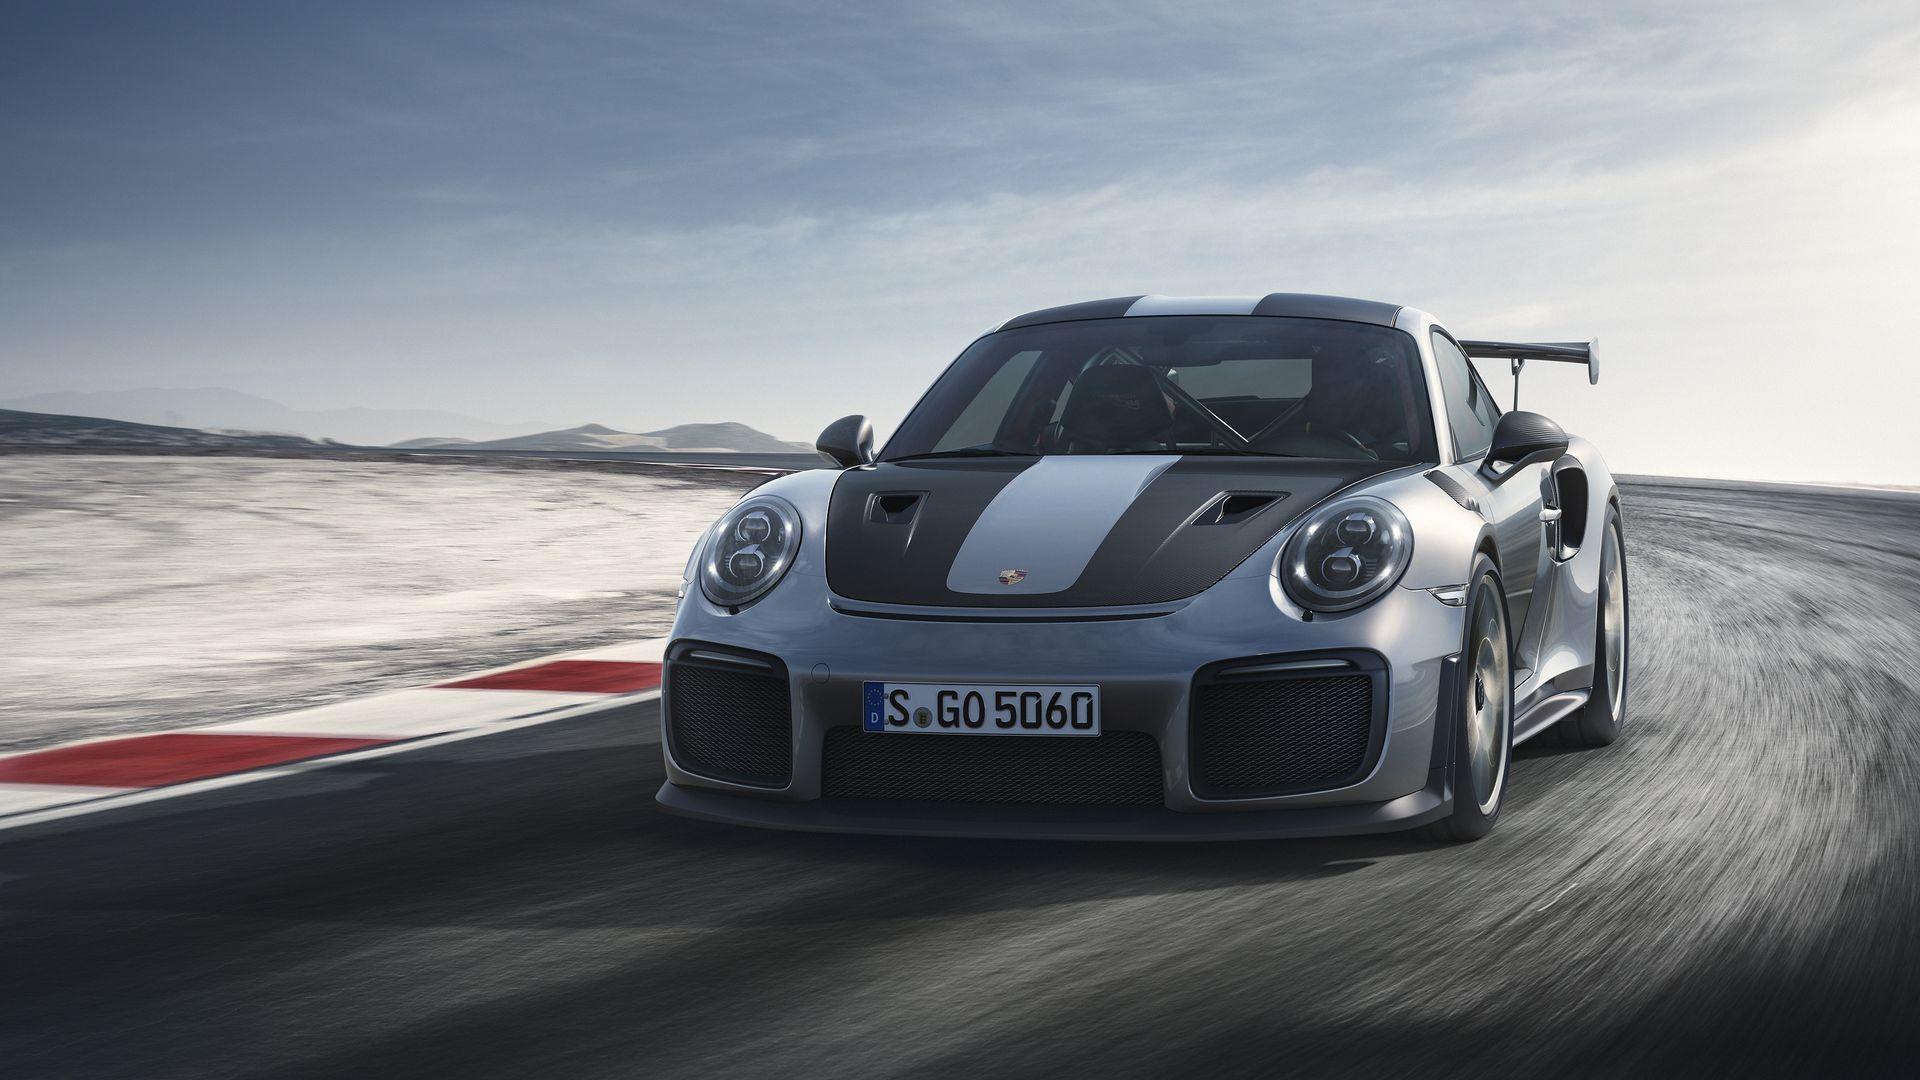 ¿Cuánto cuesta el Porsche 911 GT2 RS? ¡Ya sabemos el precio del 911 más potente!